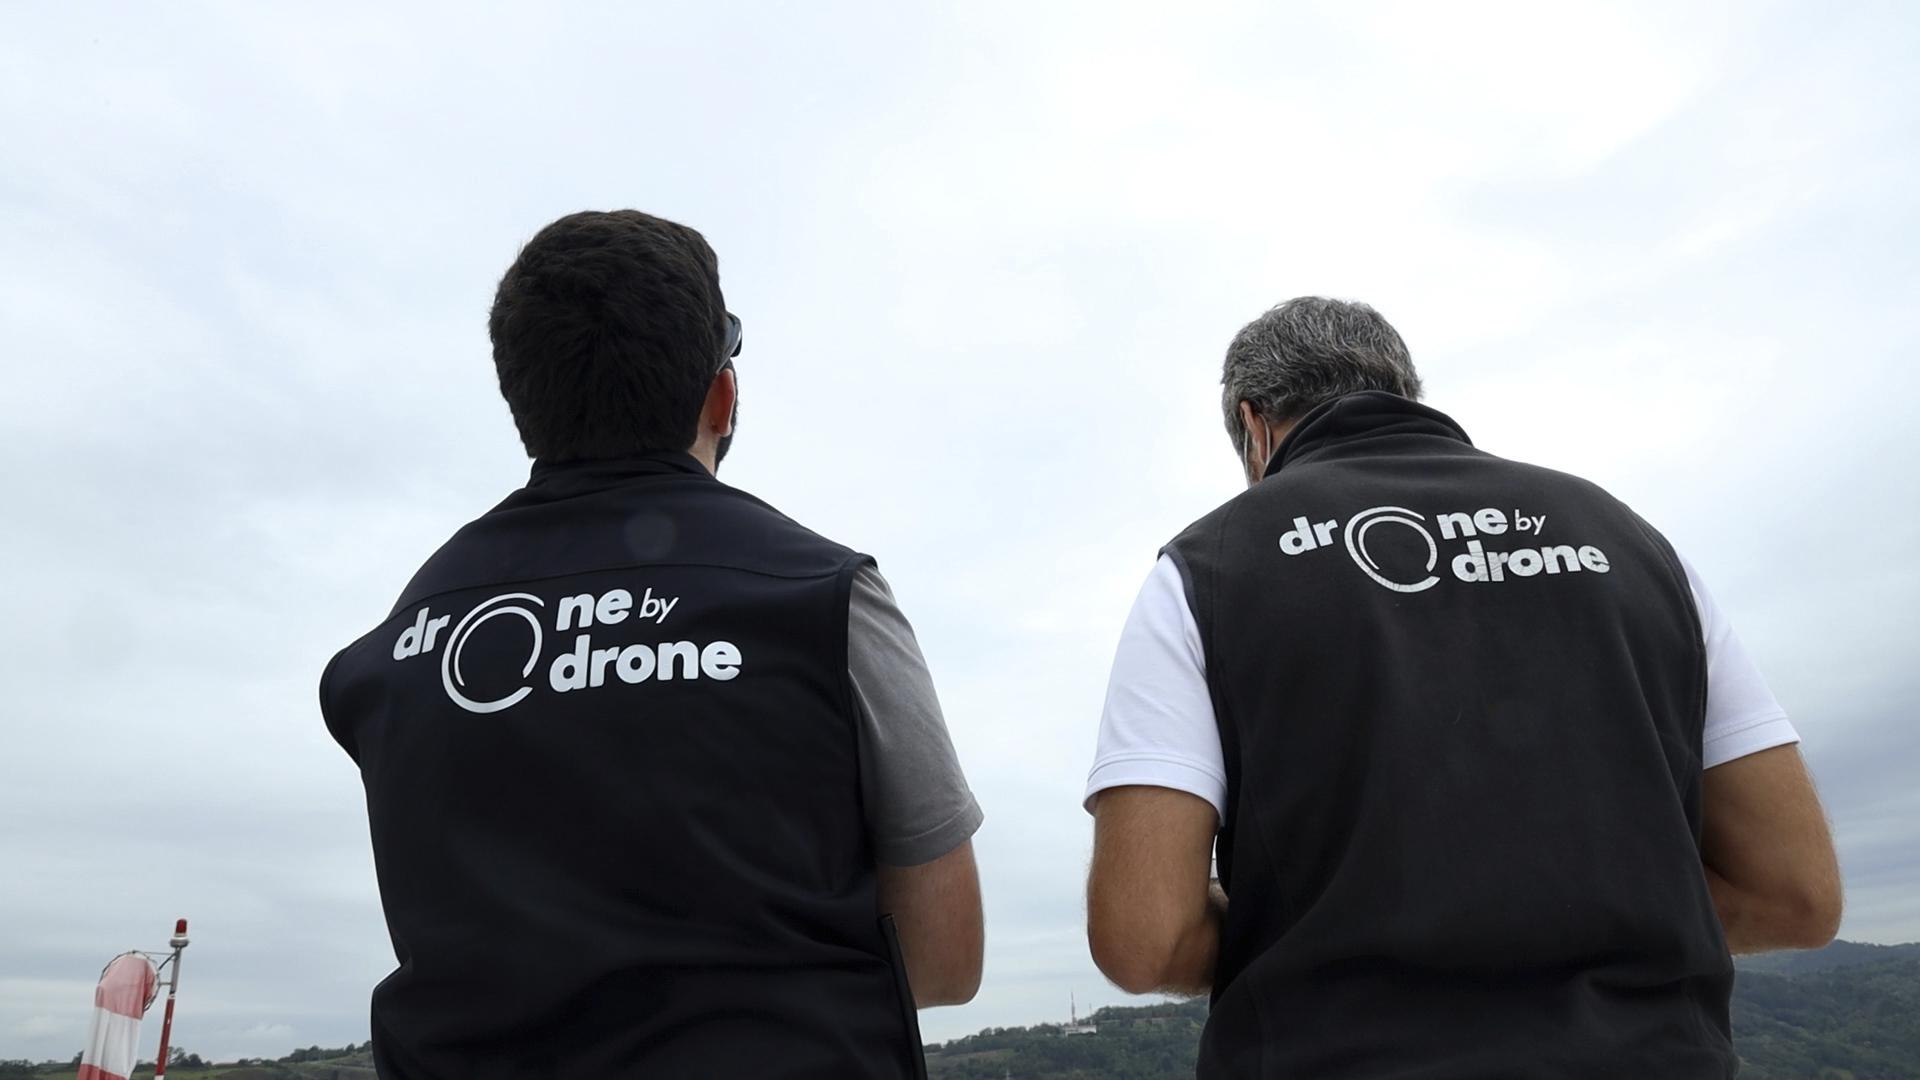 lt;HIT gt;Iñaki lt;/HIT gt; Williams REPORTAJE DRON EN BILBAO TOMAS, CAPTURAS DEL VIDEO